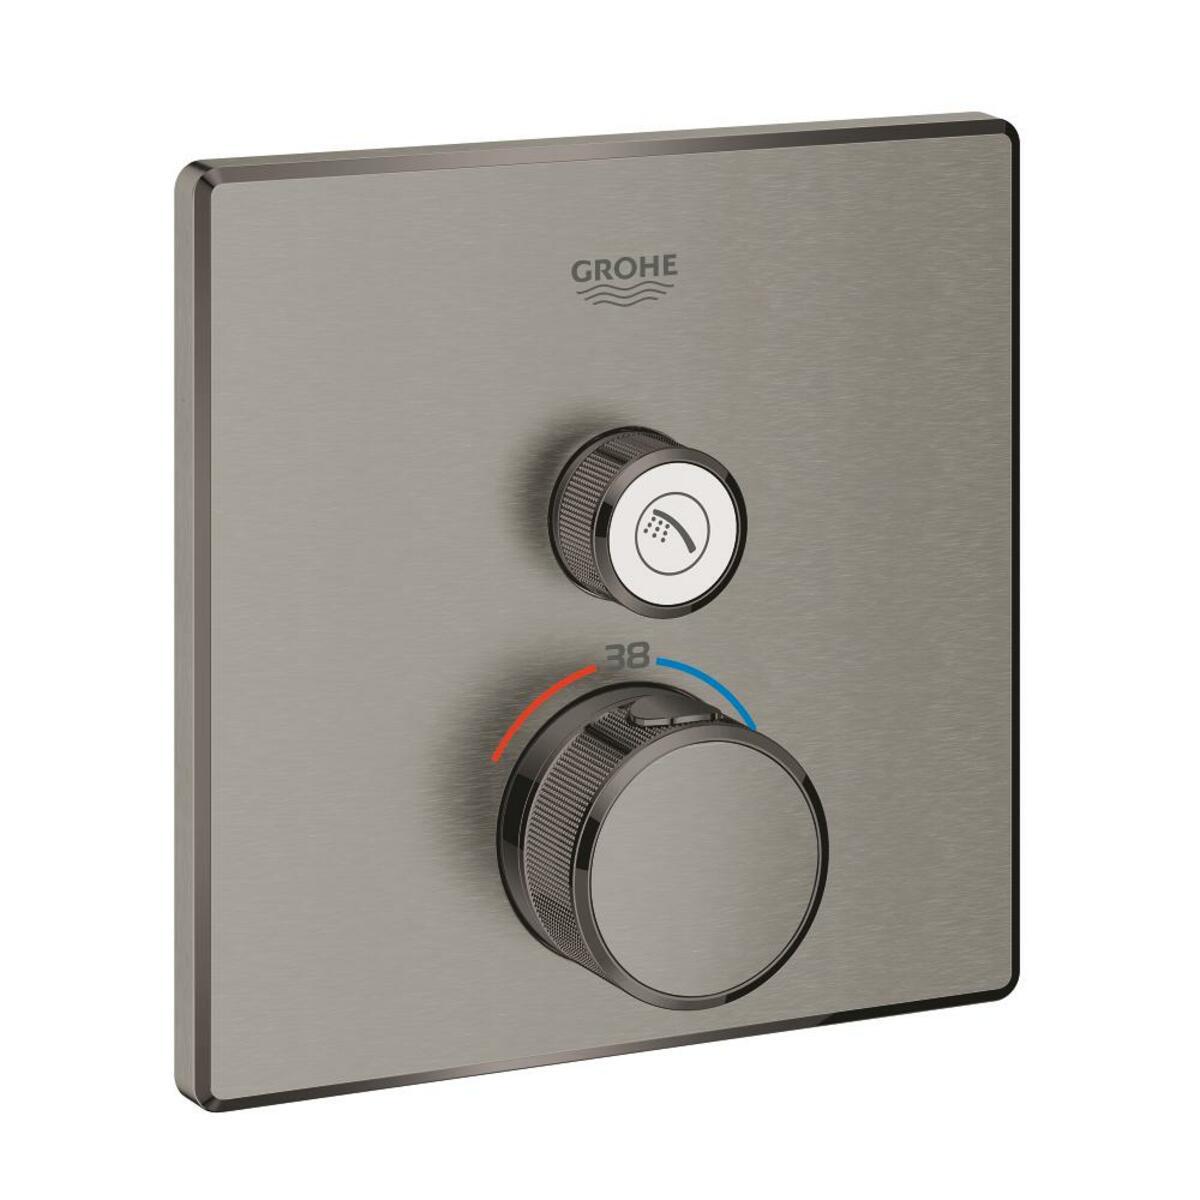 Sprchová baterie Grohe Grohtherm Smartcontrol bez podomítkového tělesa kartáčovaný Hard Graphite 29123AL0